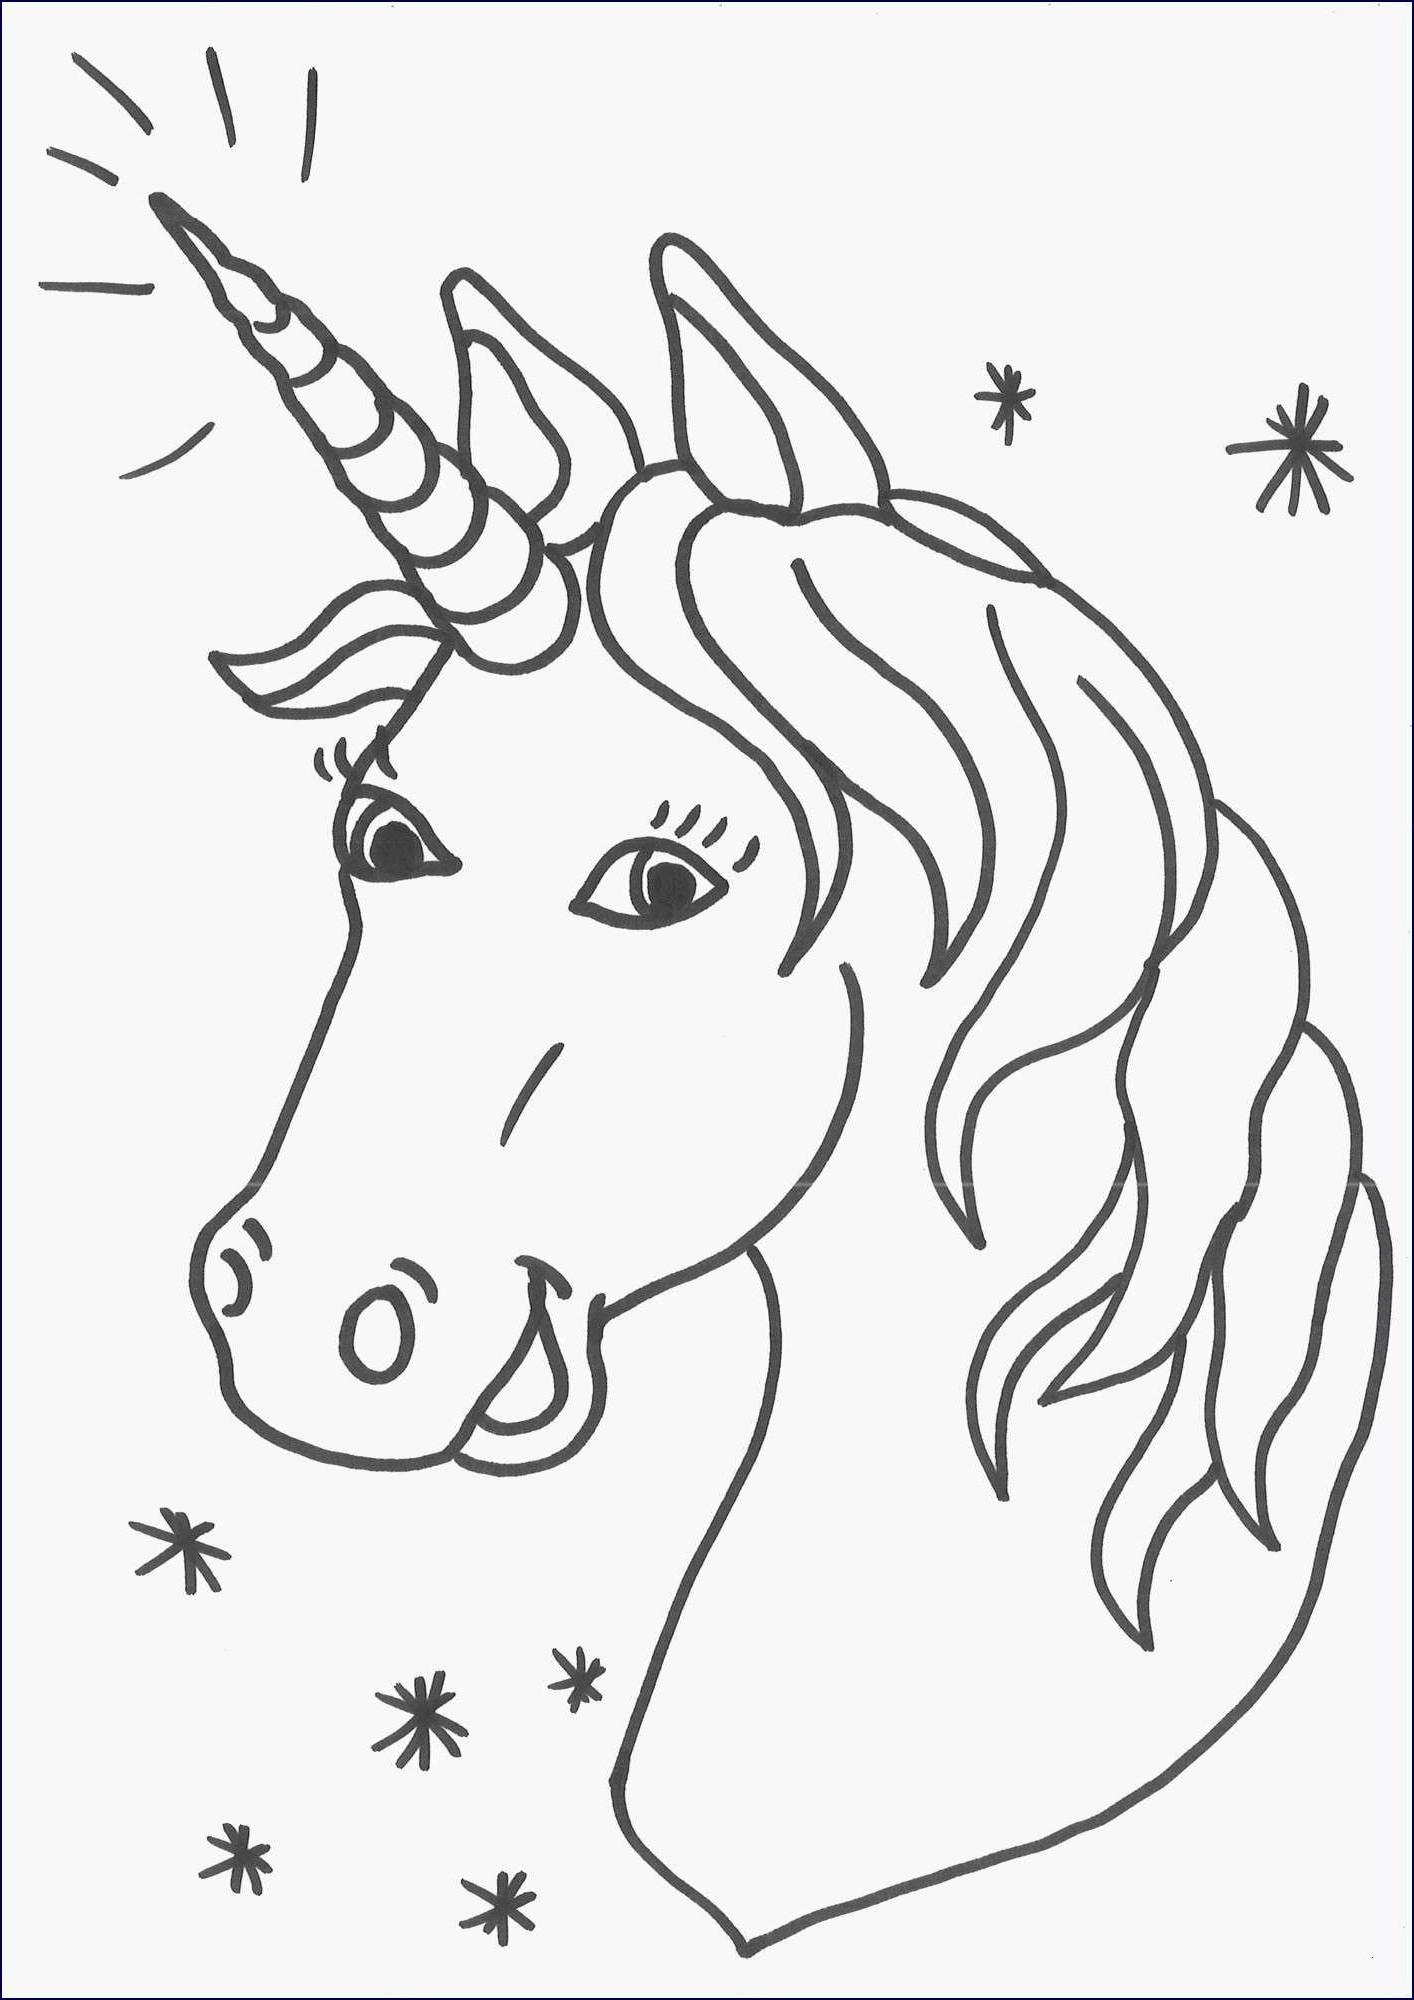 Ausmalbilder Filly Pferd Einzigartig 45 Frisch Ausmalbilder Wickie – Große Coloring Page Sammlung Fotografieren